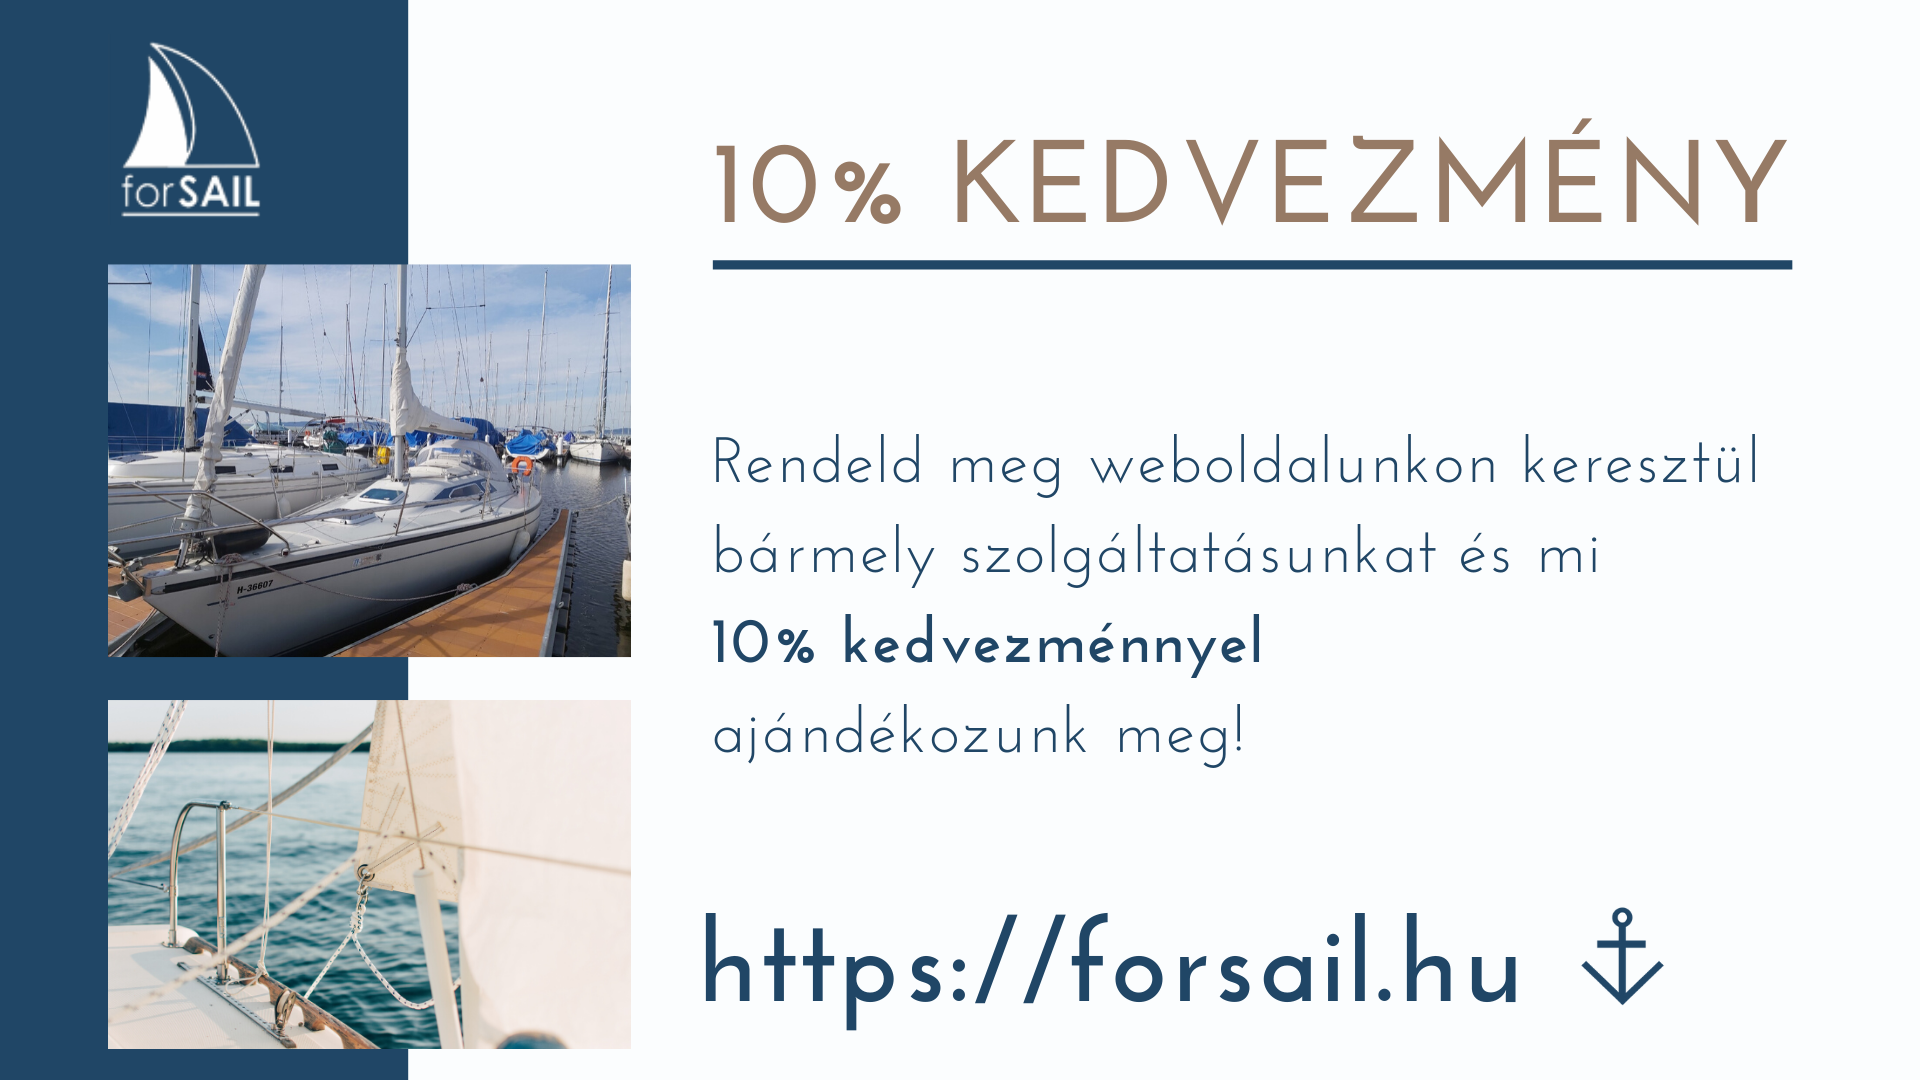 10%kedvezmeny